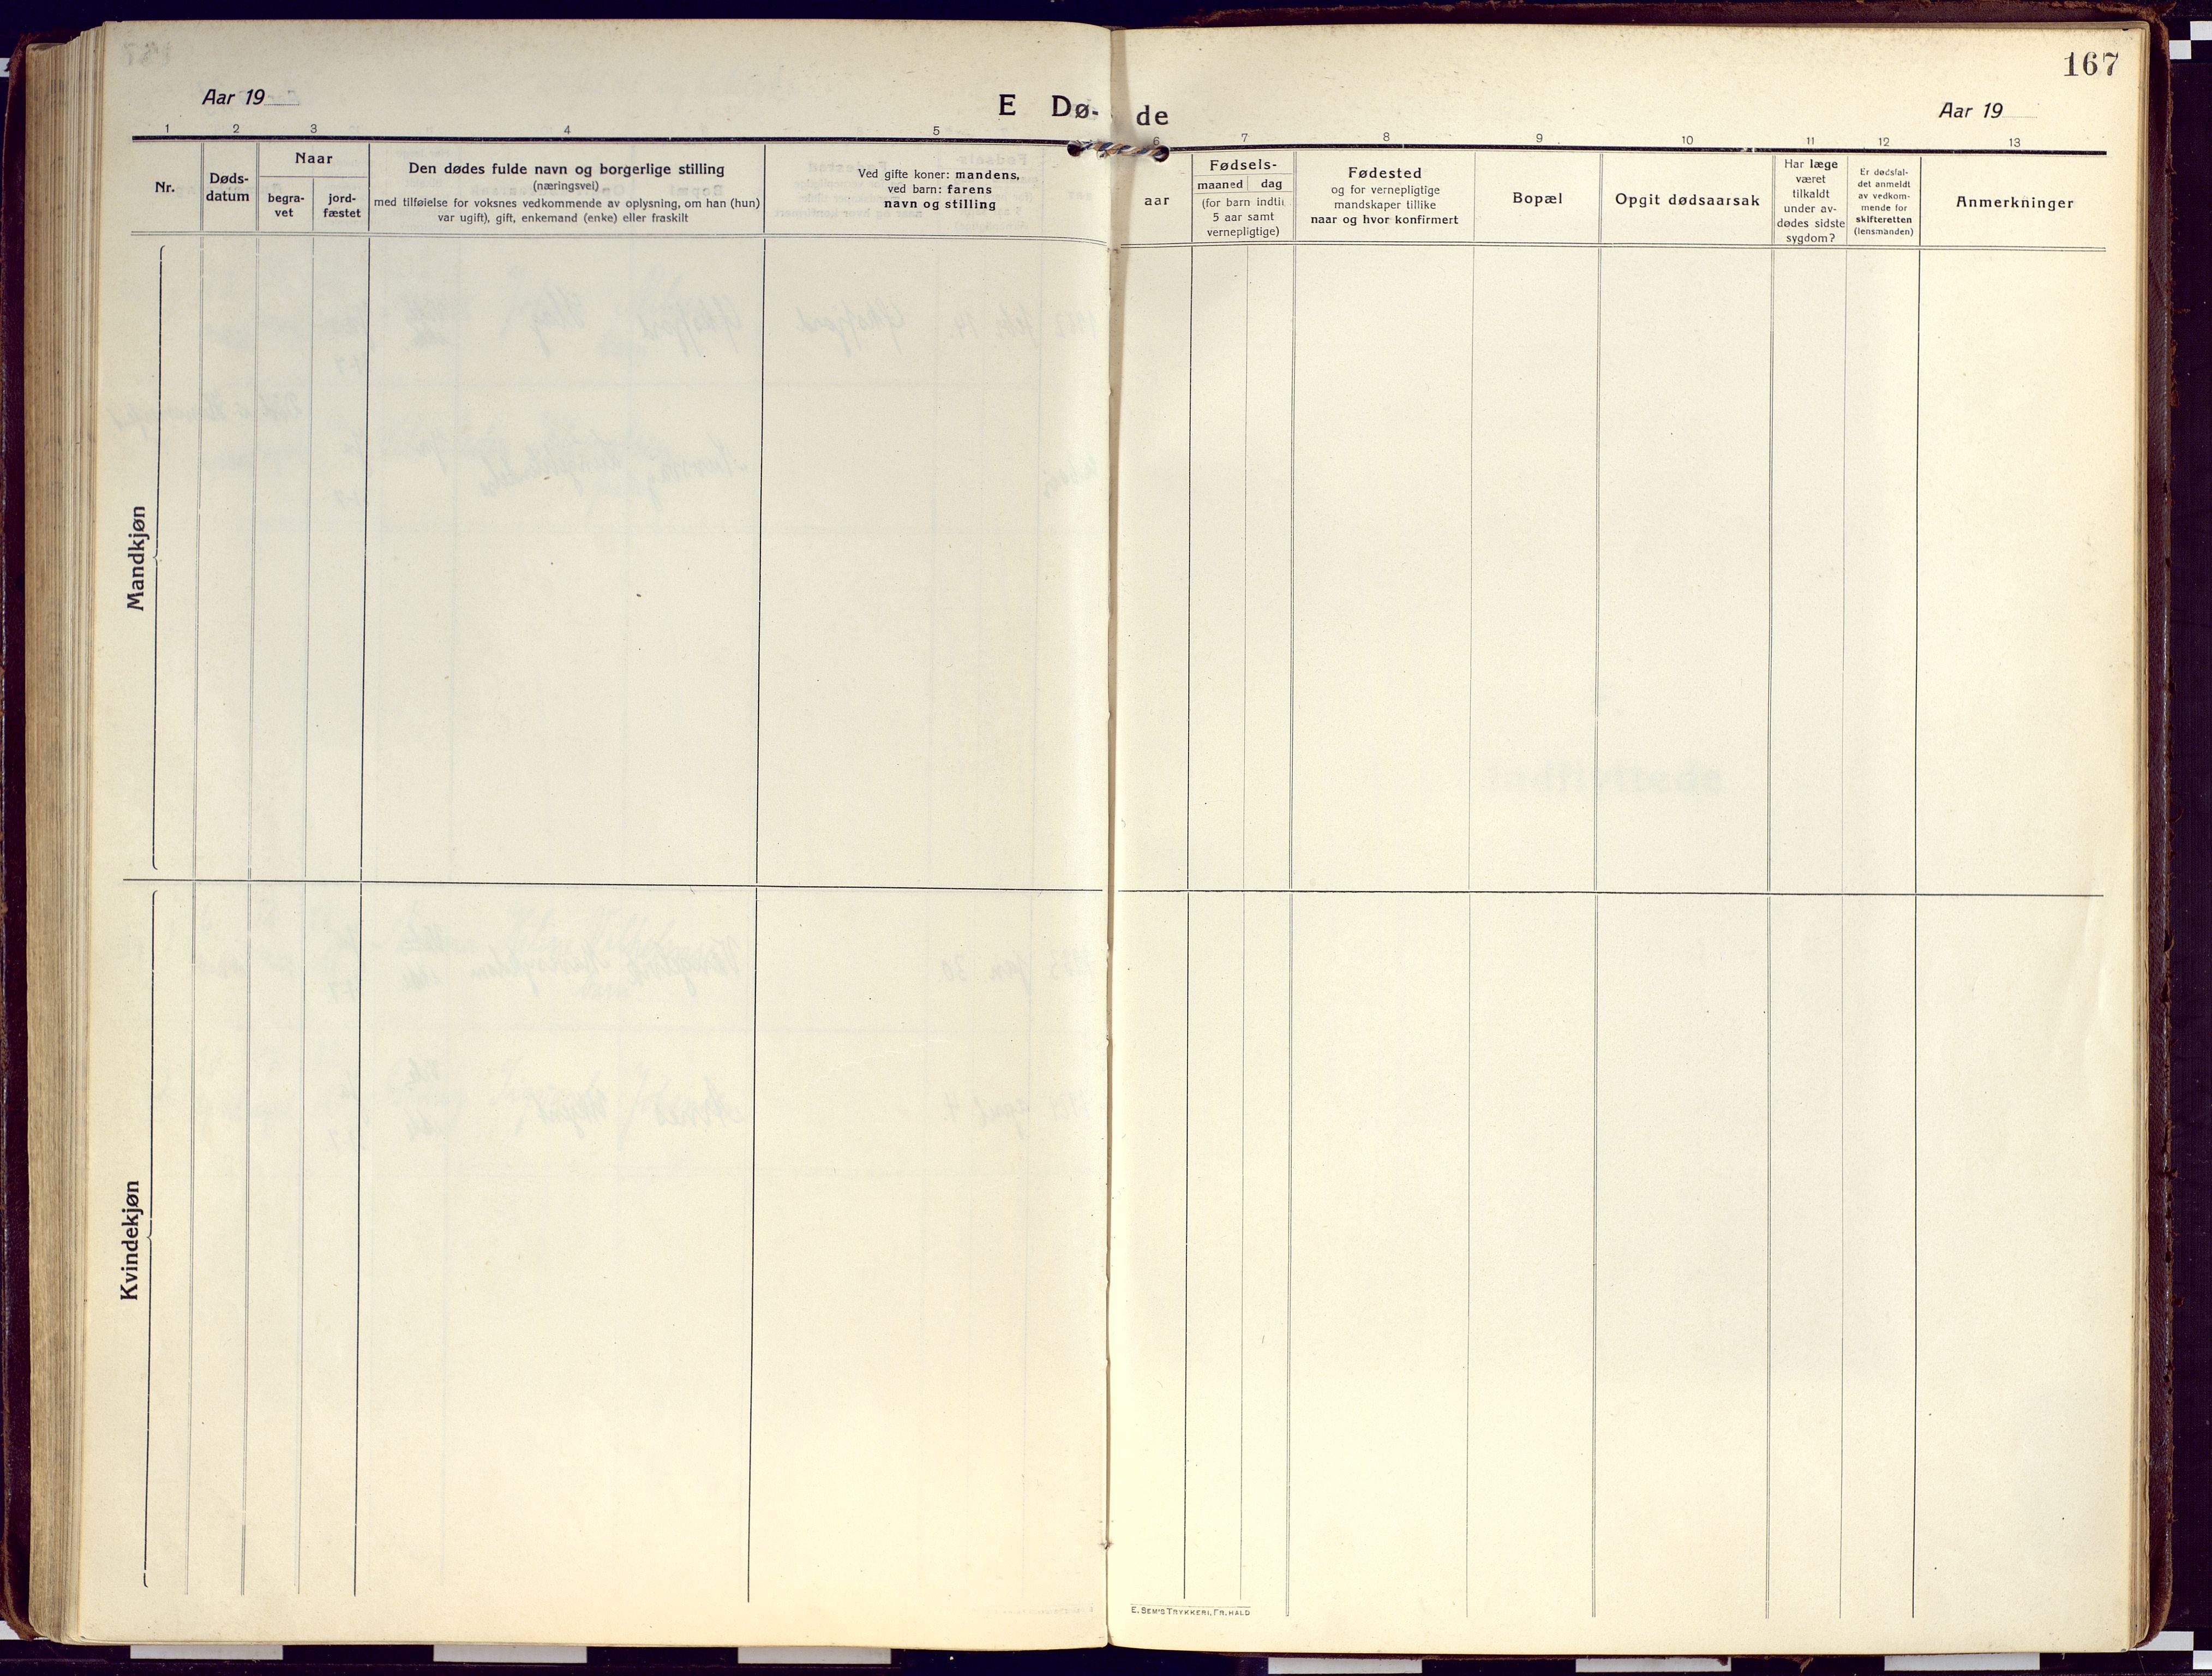 SATØ, Loppa sokneprestkontor, H/Ha/L0012kirke: Ministerialbok nr. 12, 1917-1932, s. 167